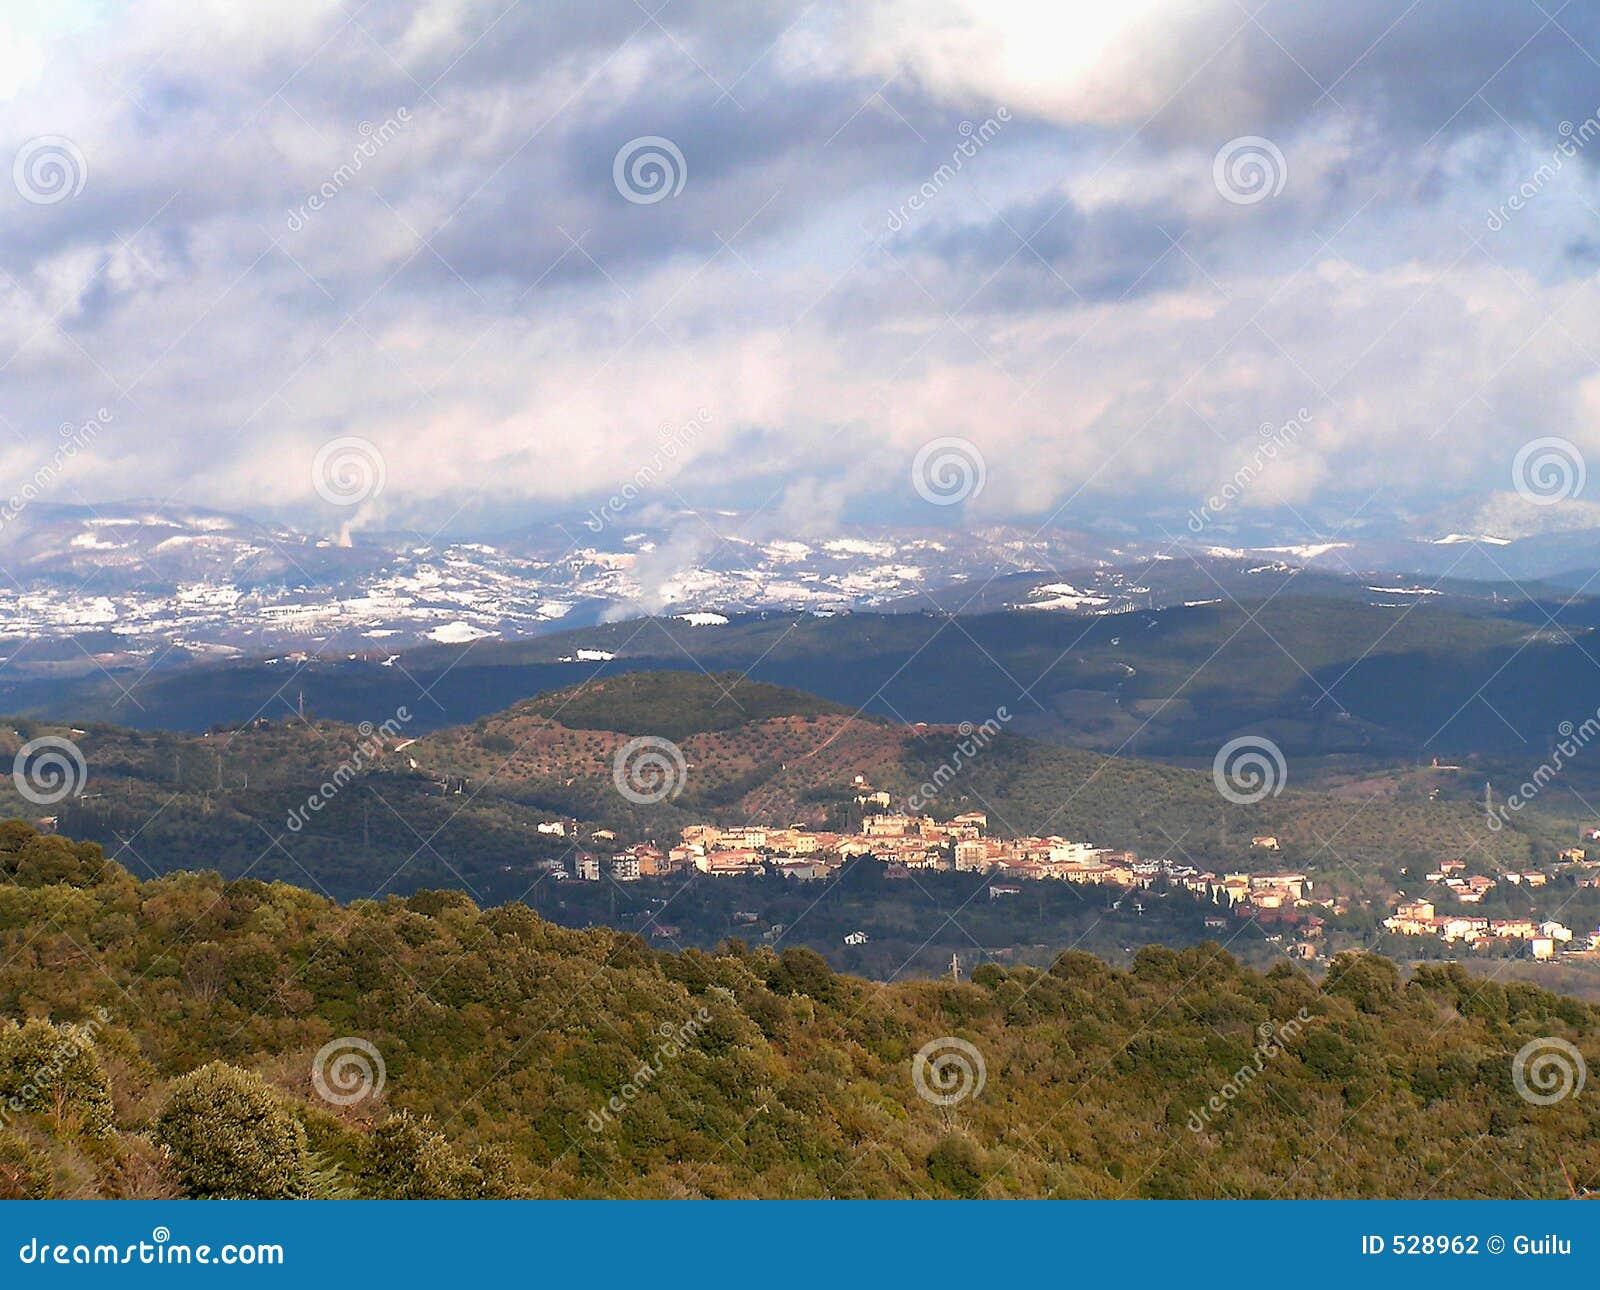 Download 小山 库存照片. 图片 包括有 云彩, 小山, 横向, 地中海, 房子, 绿色, 冬天, 工厂, 天空, 植被 - 528962